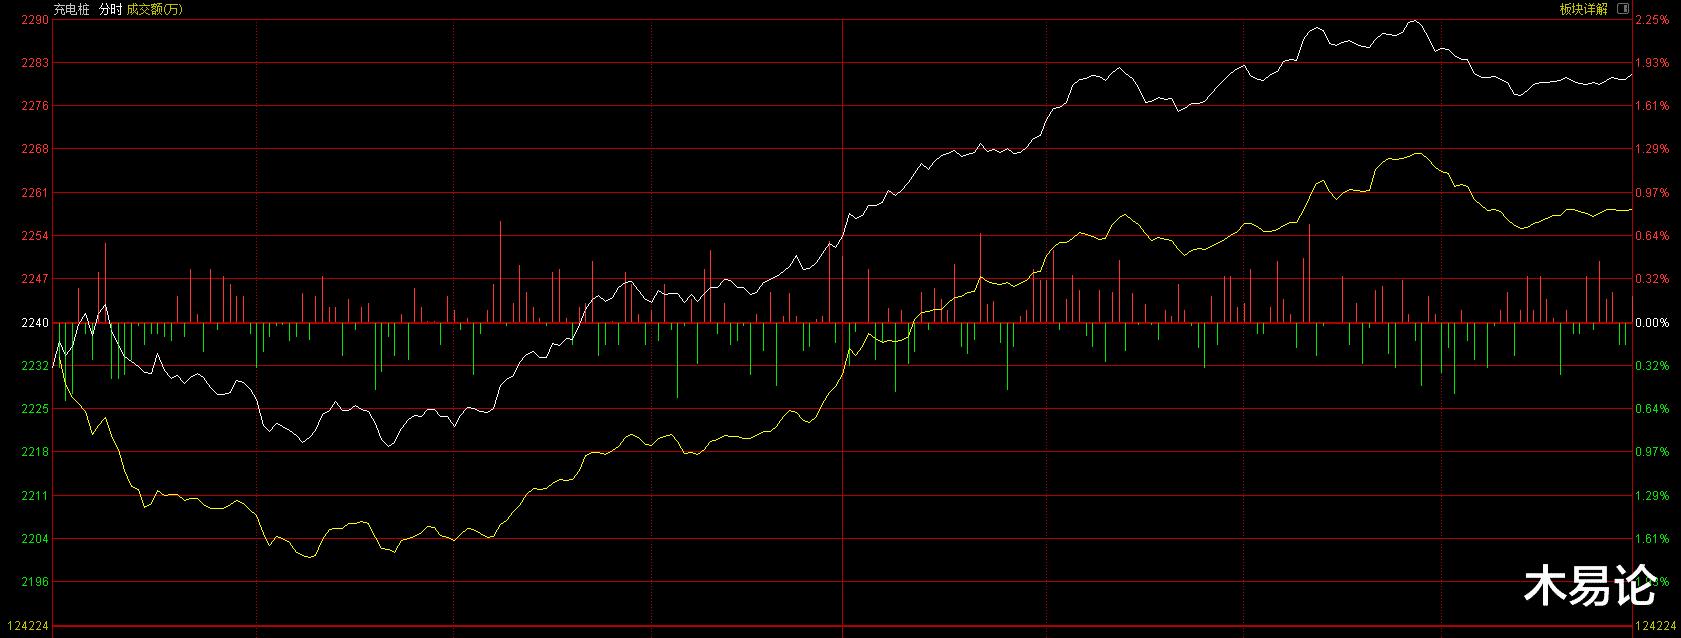 明天,A股將迎接考驗-圖2